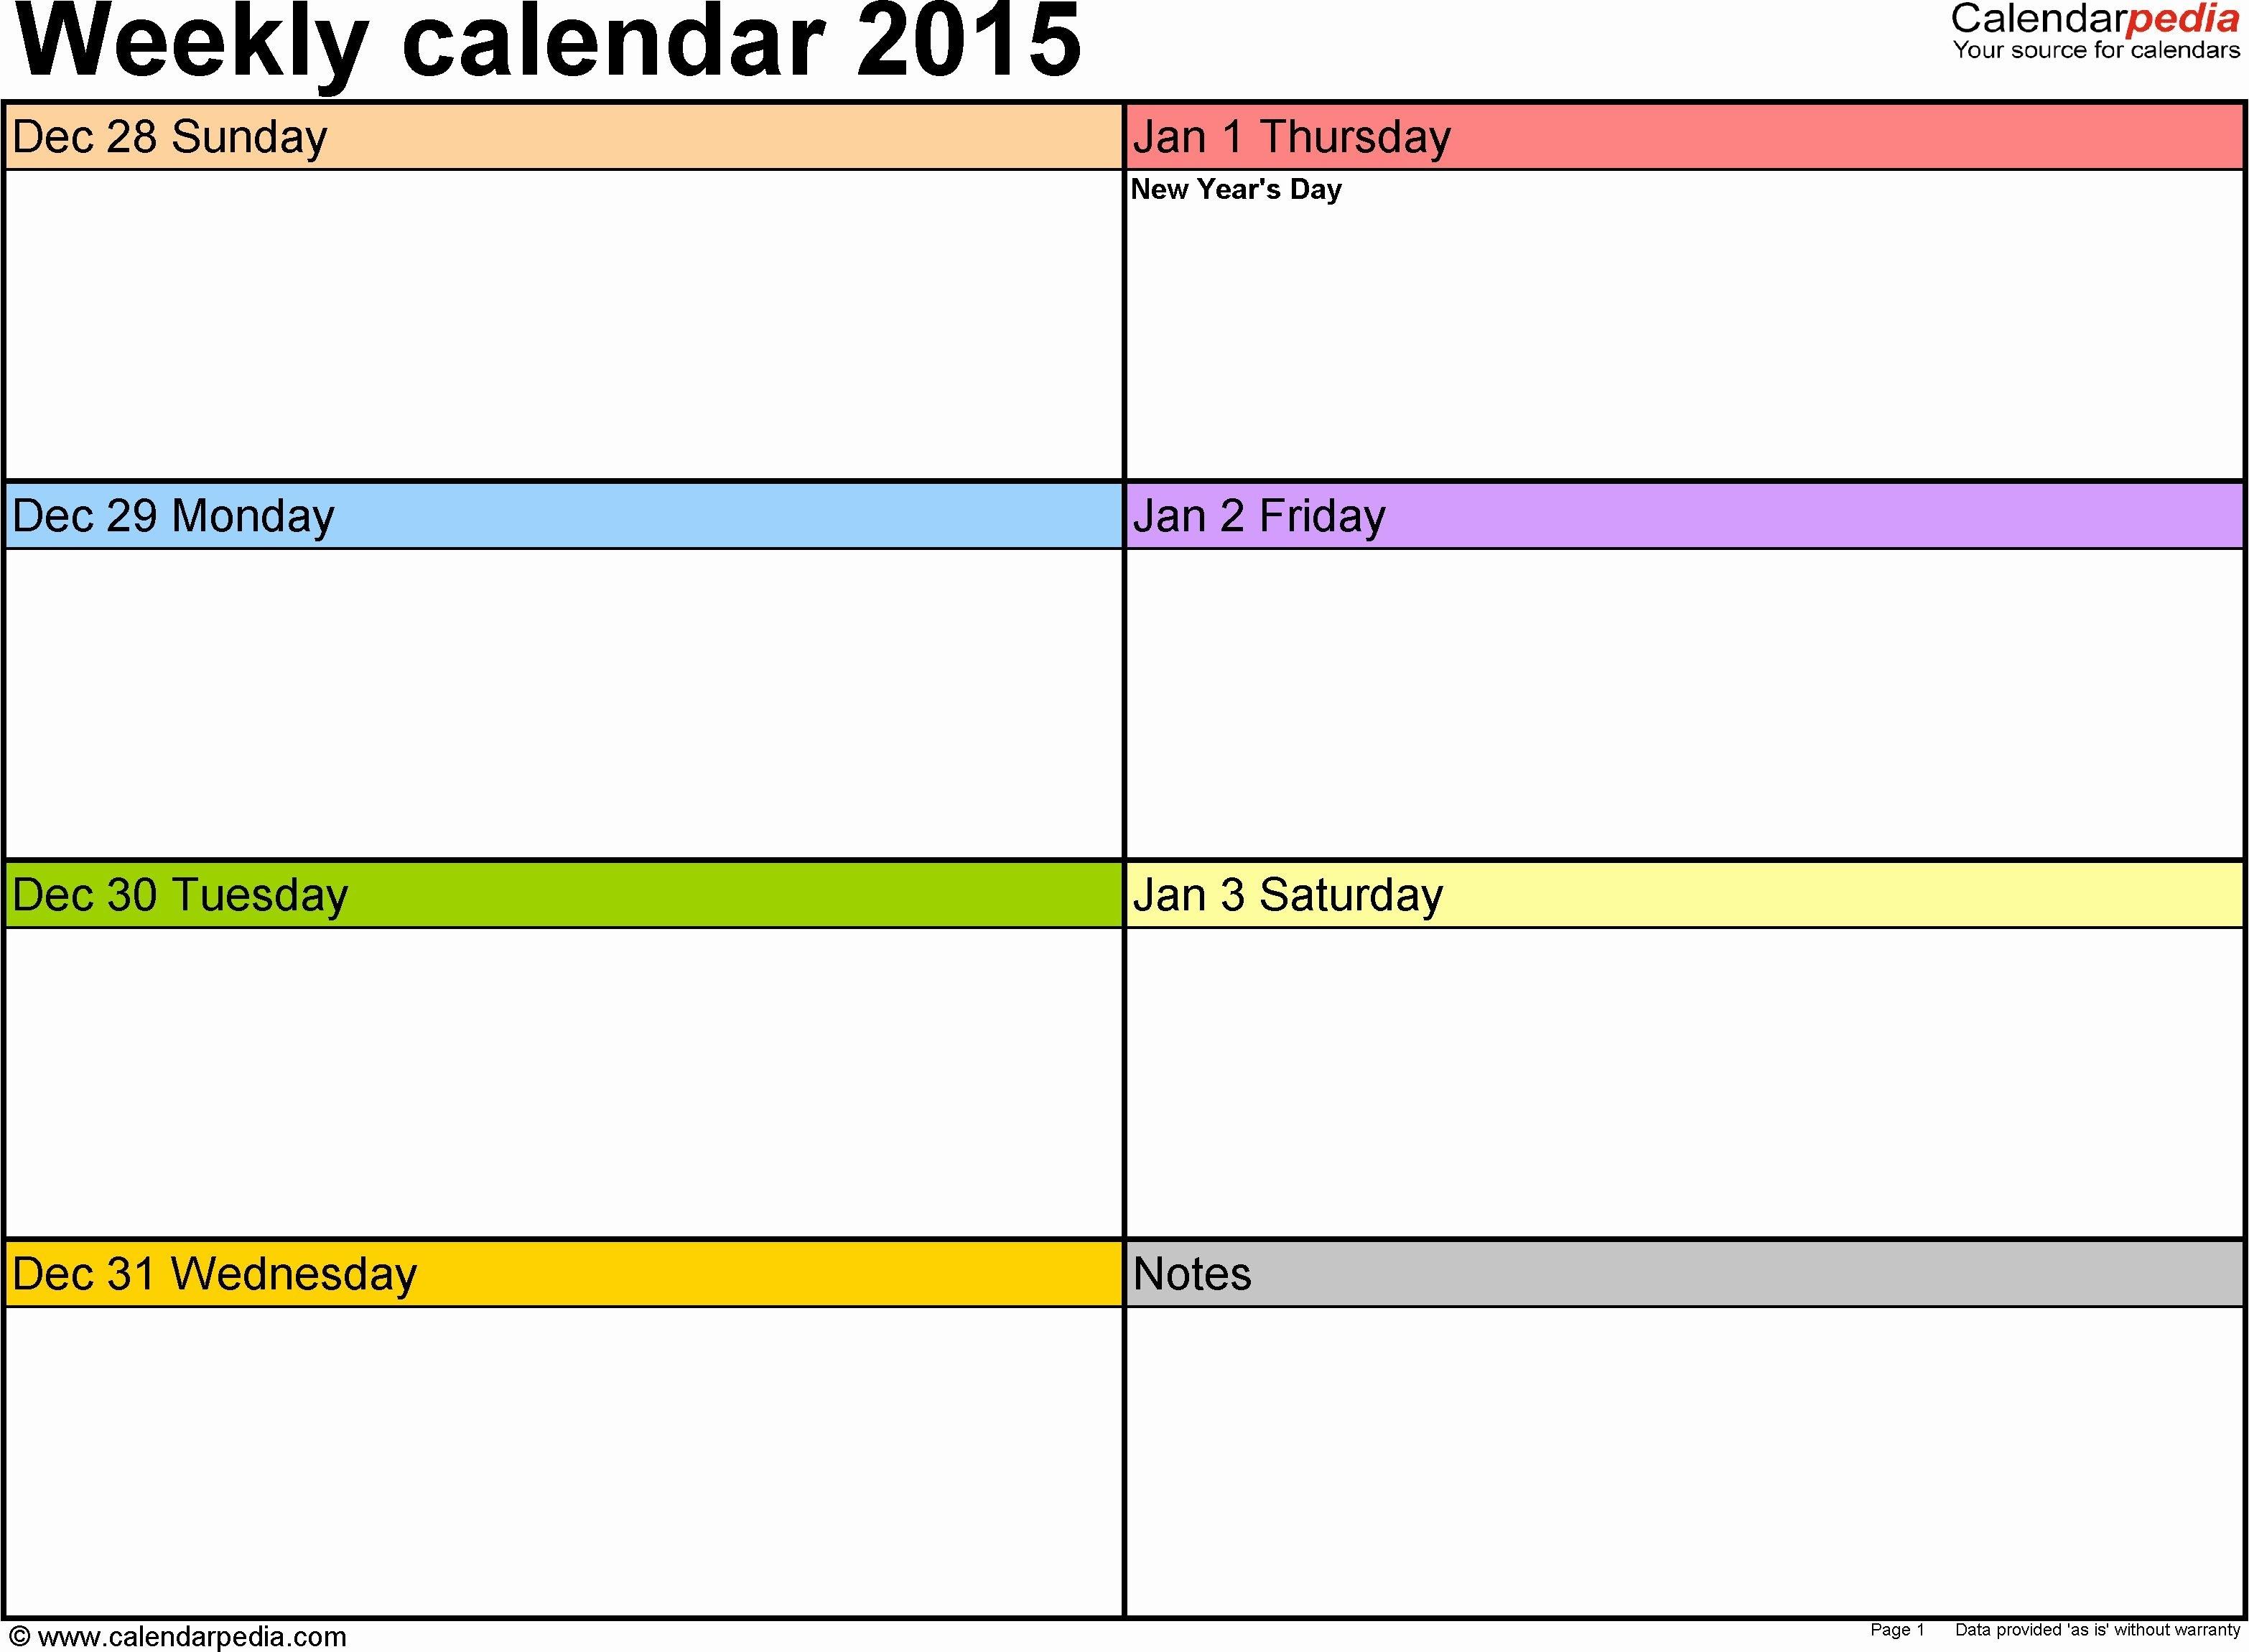 Week Schedule Template Excel New Weekly Calendar 2015 For 1 Week Calendar Template Excel